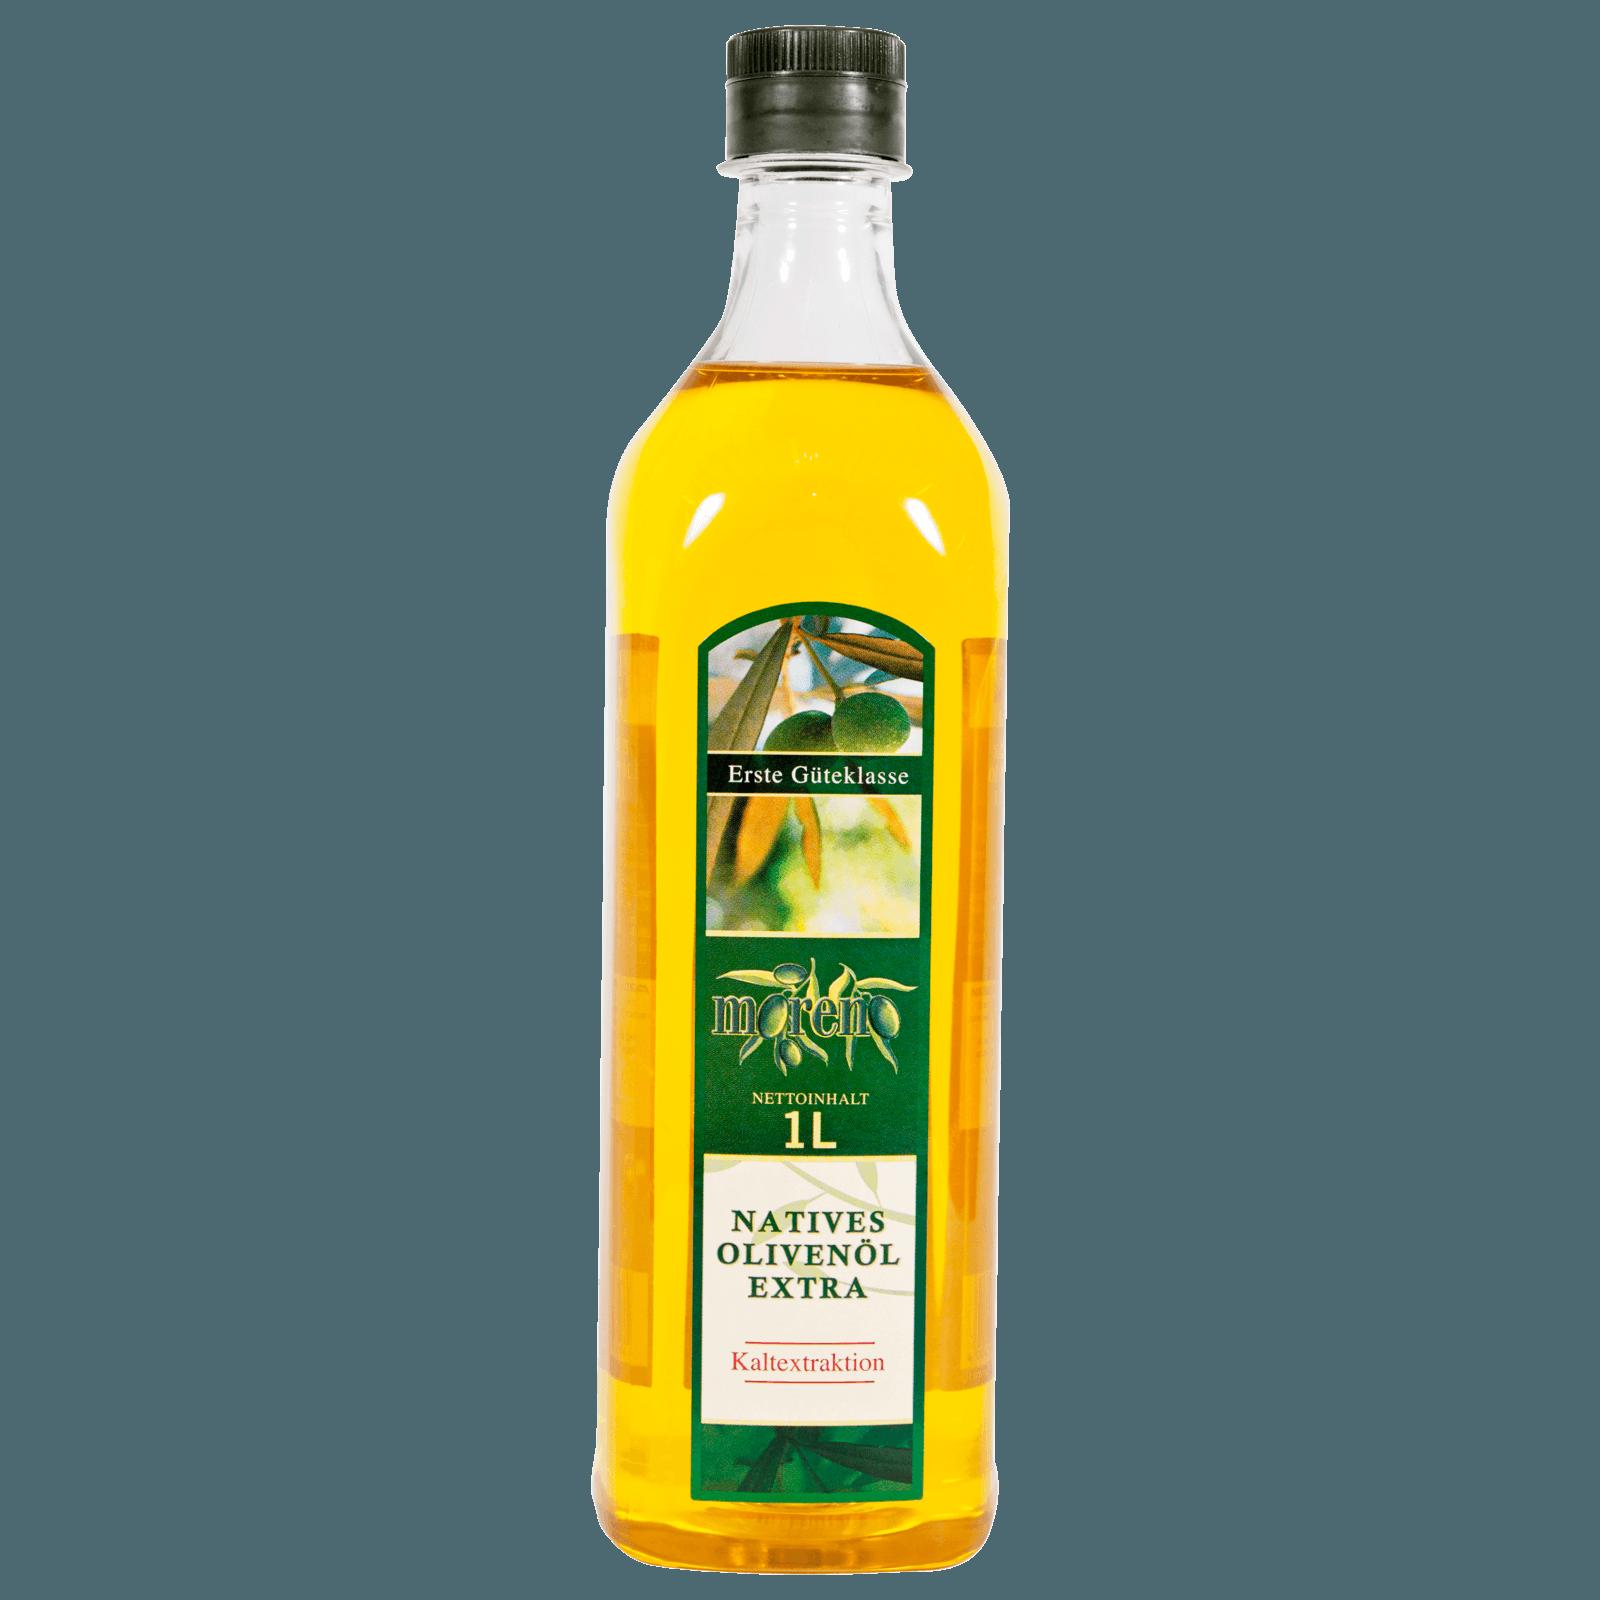 Moreno Natives Olivenöl extra Marasca 1l